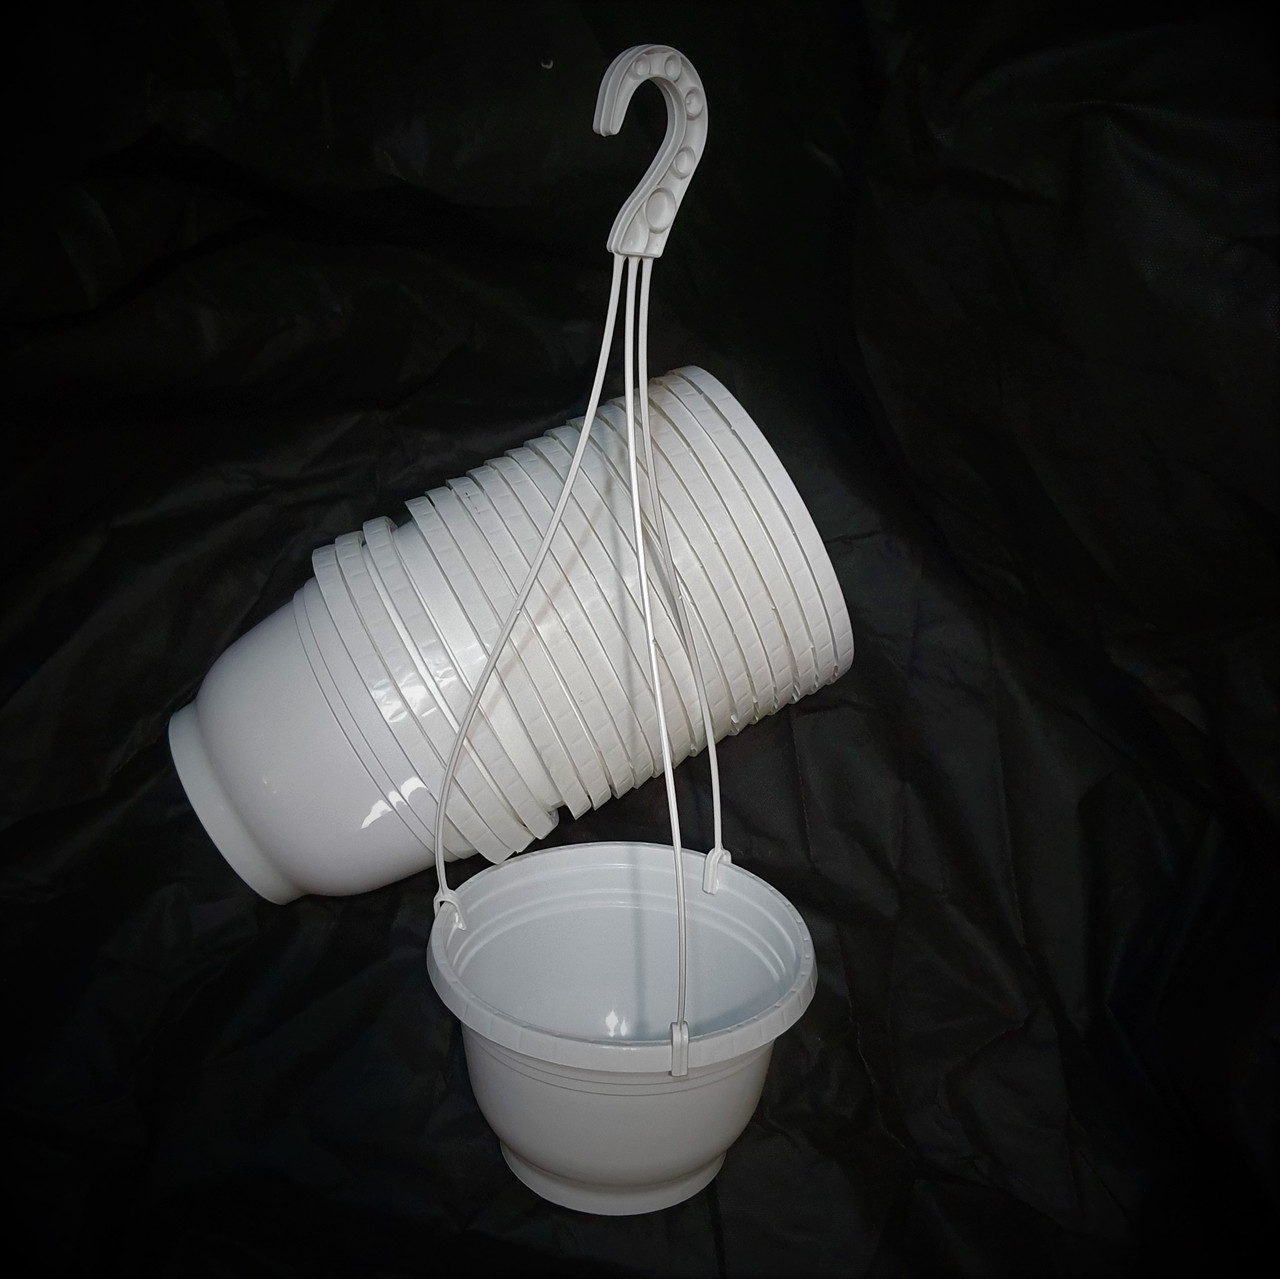 Кашпо подвесные белые - 20.5*14.5 - 3.0 л - Емкости для растений